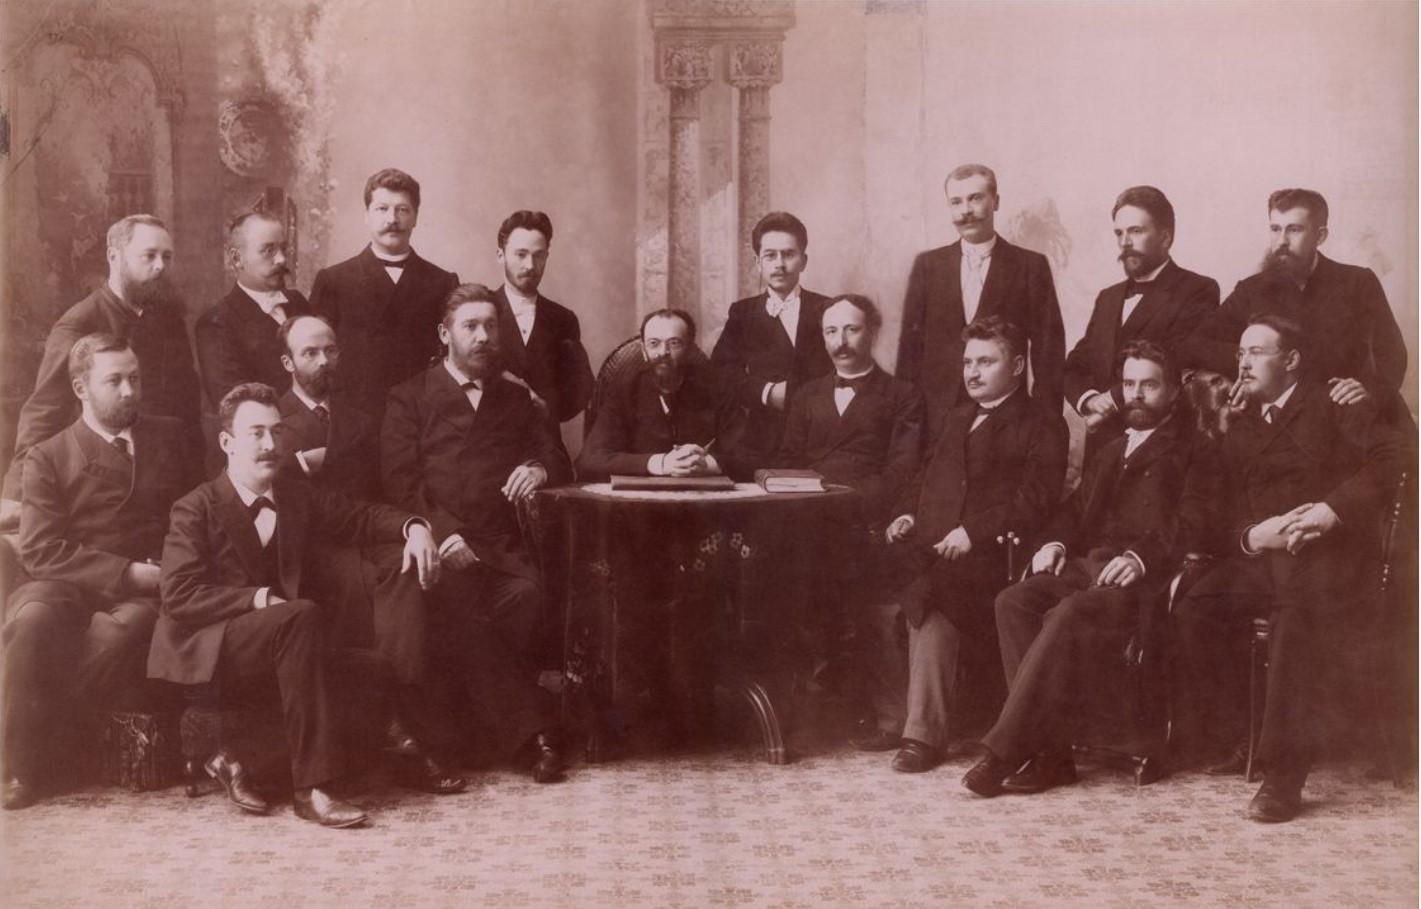 Группа служащих Казенной палаты. Управляющий палатой  - Нечаев и сотрудники